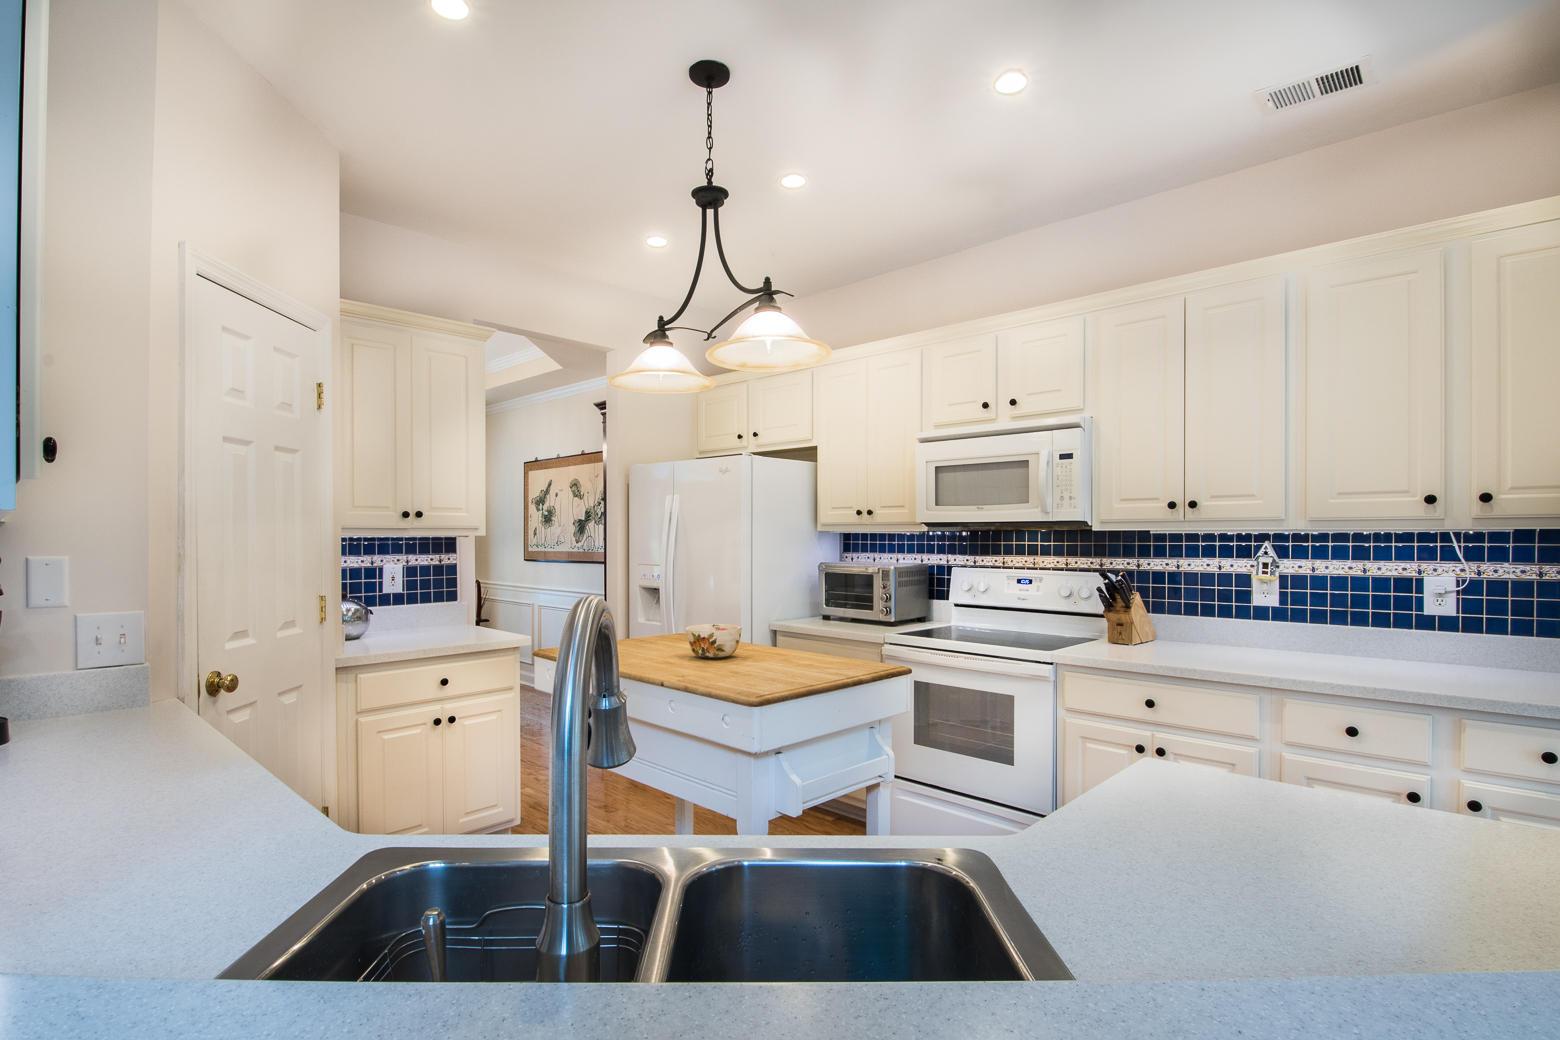 Dunes West Homes For Sale - 1111 Black Rush, Mount Pleasant, SC - 6